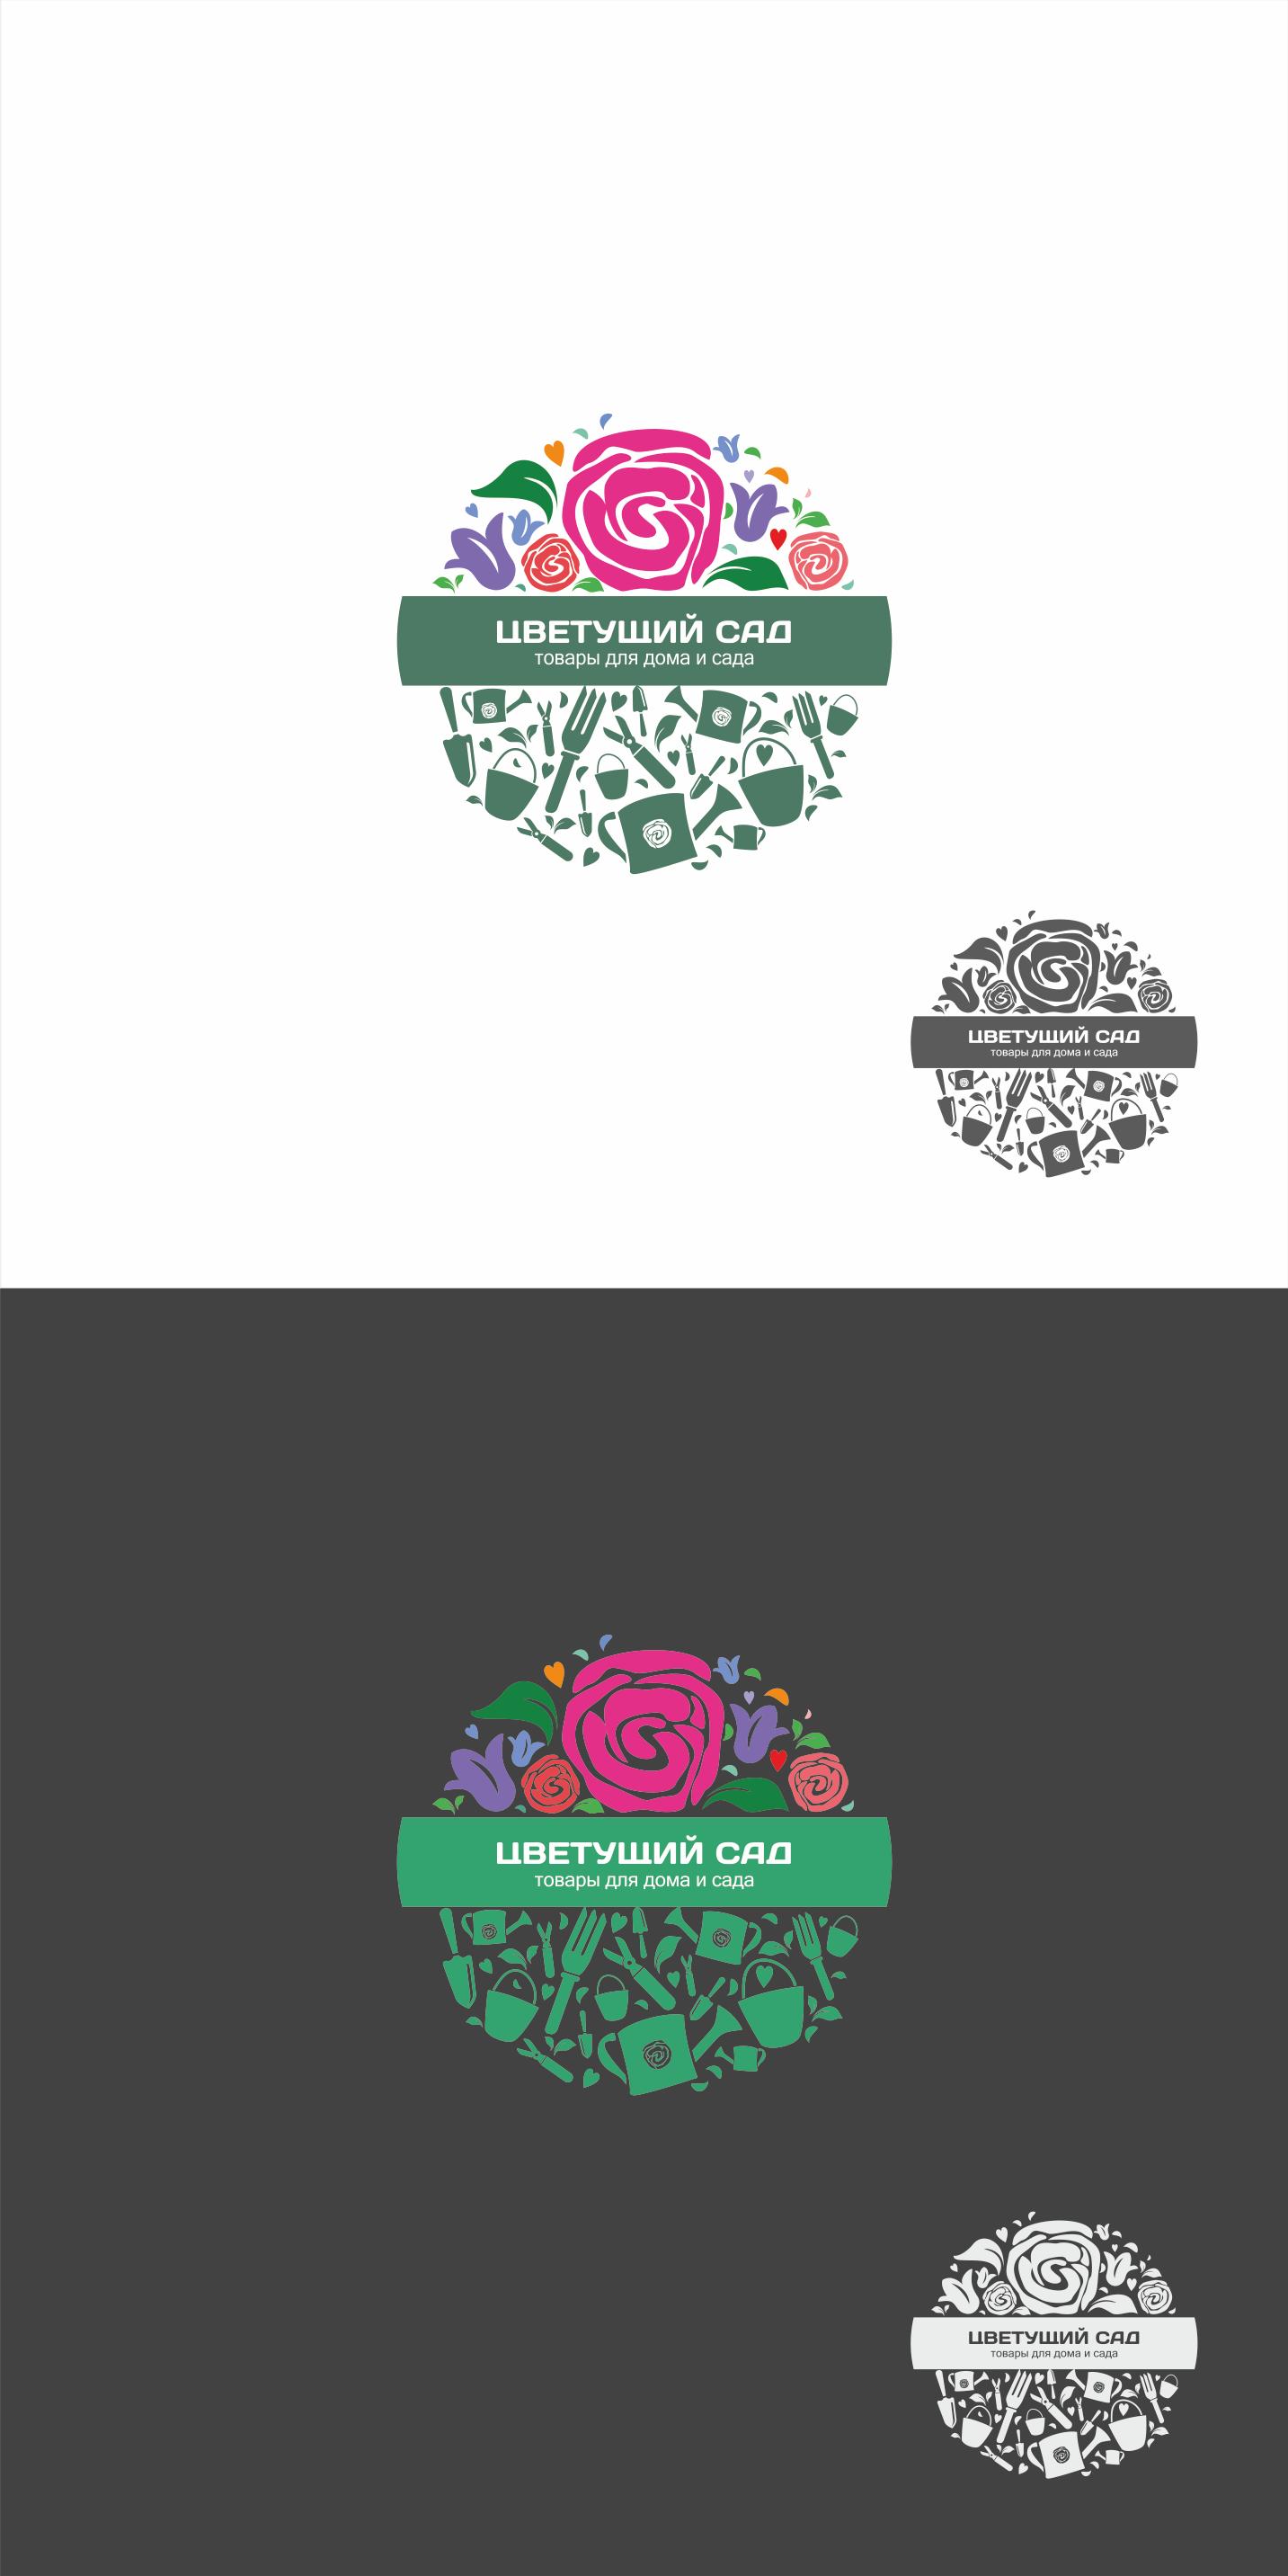 """Логотип для компании """"Цветущий сад"""" фото f_2685b79d4af9a9f9.png"""